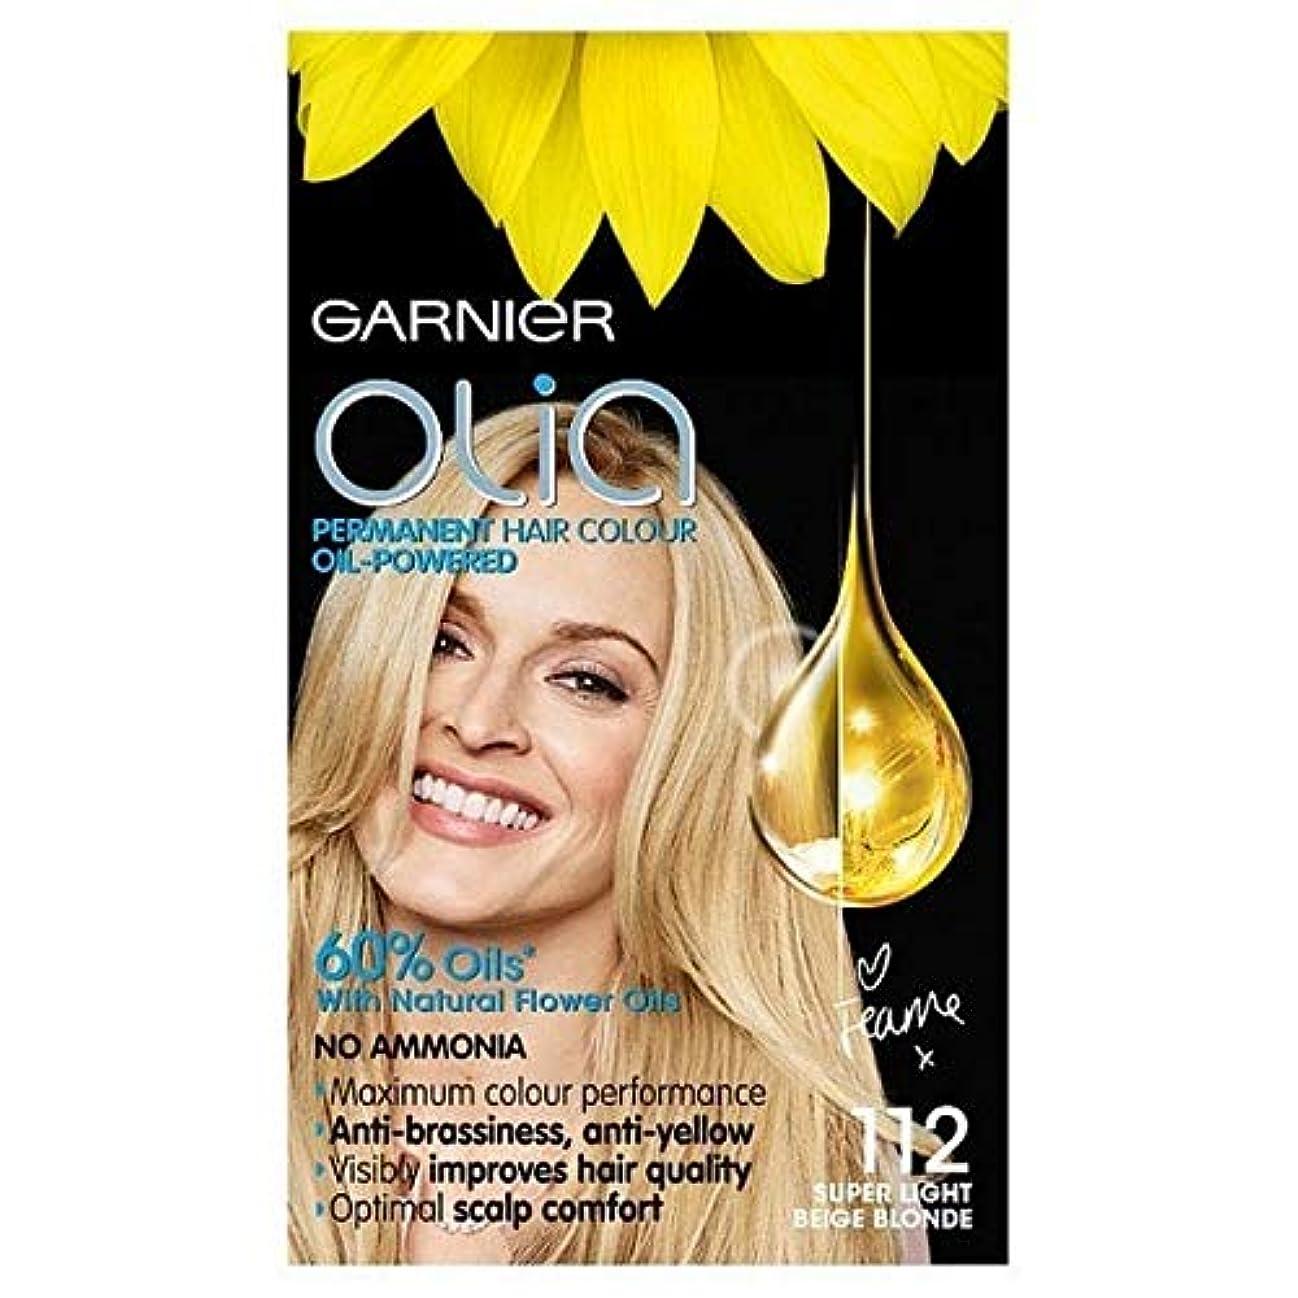 ピザ花束うまくやる()[Garnier ] ガルニエのOlia永久染毛剤スーパーライトベージュブロンド112 - Garnier Olia Permanent Hair Dye Super Light Beige Blonde 112 [並行輸入品]